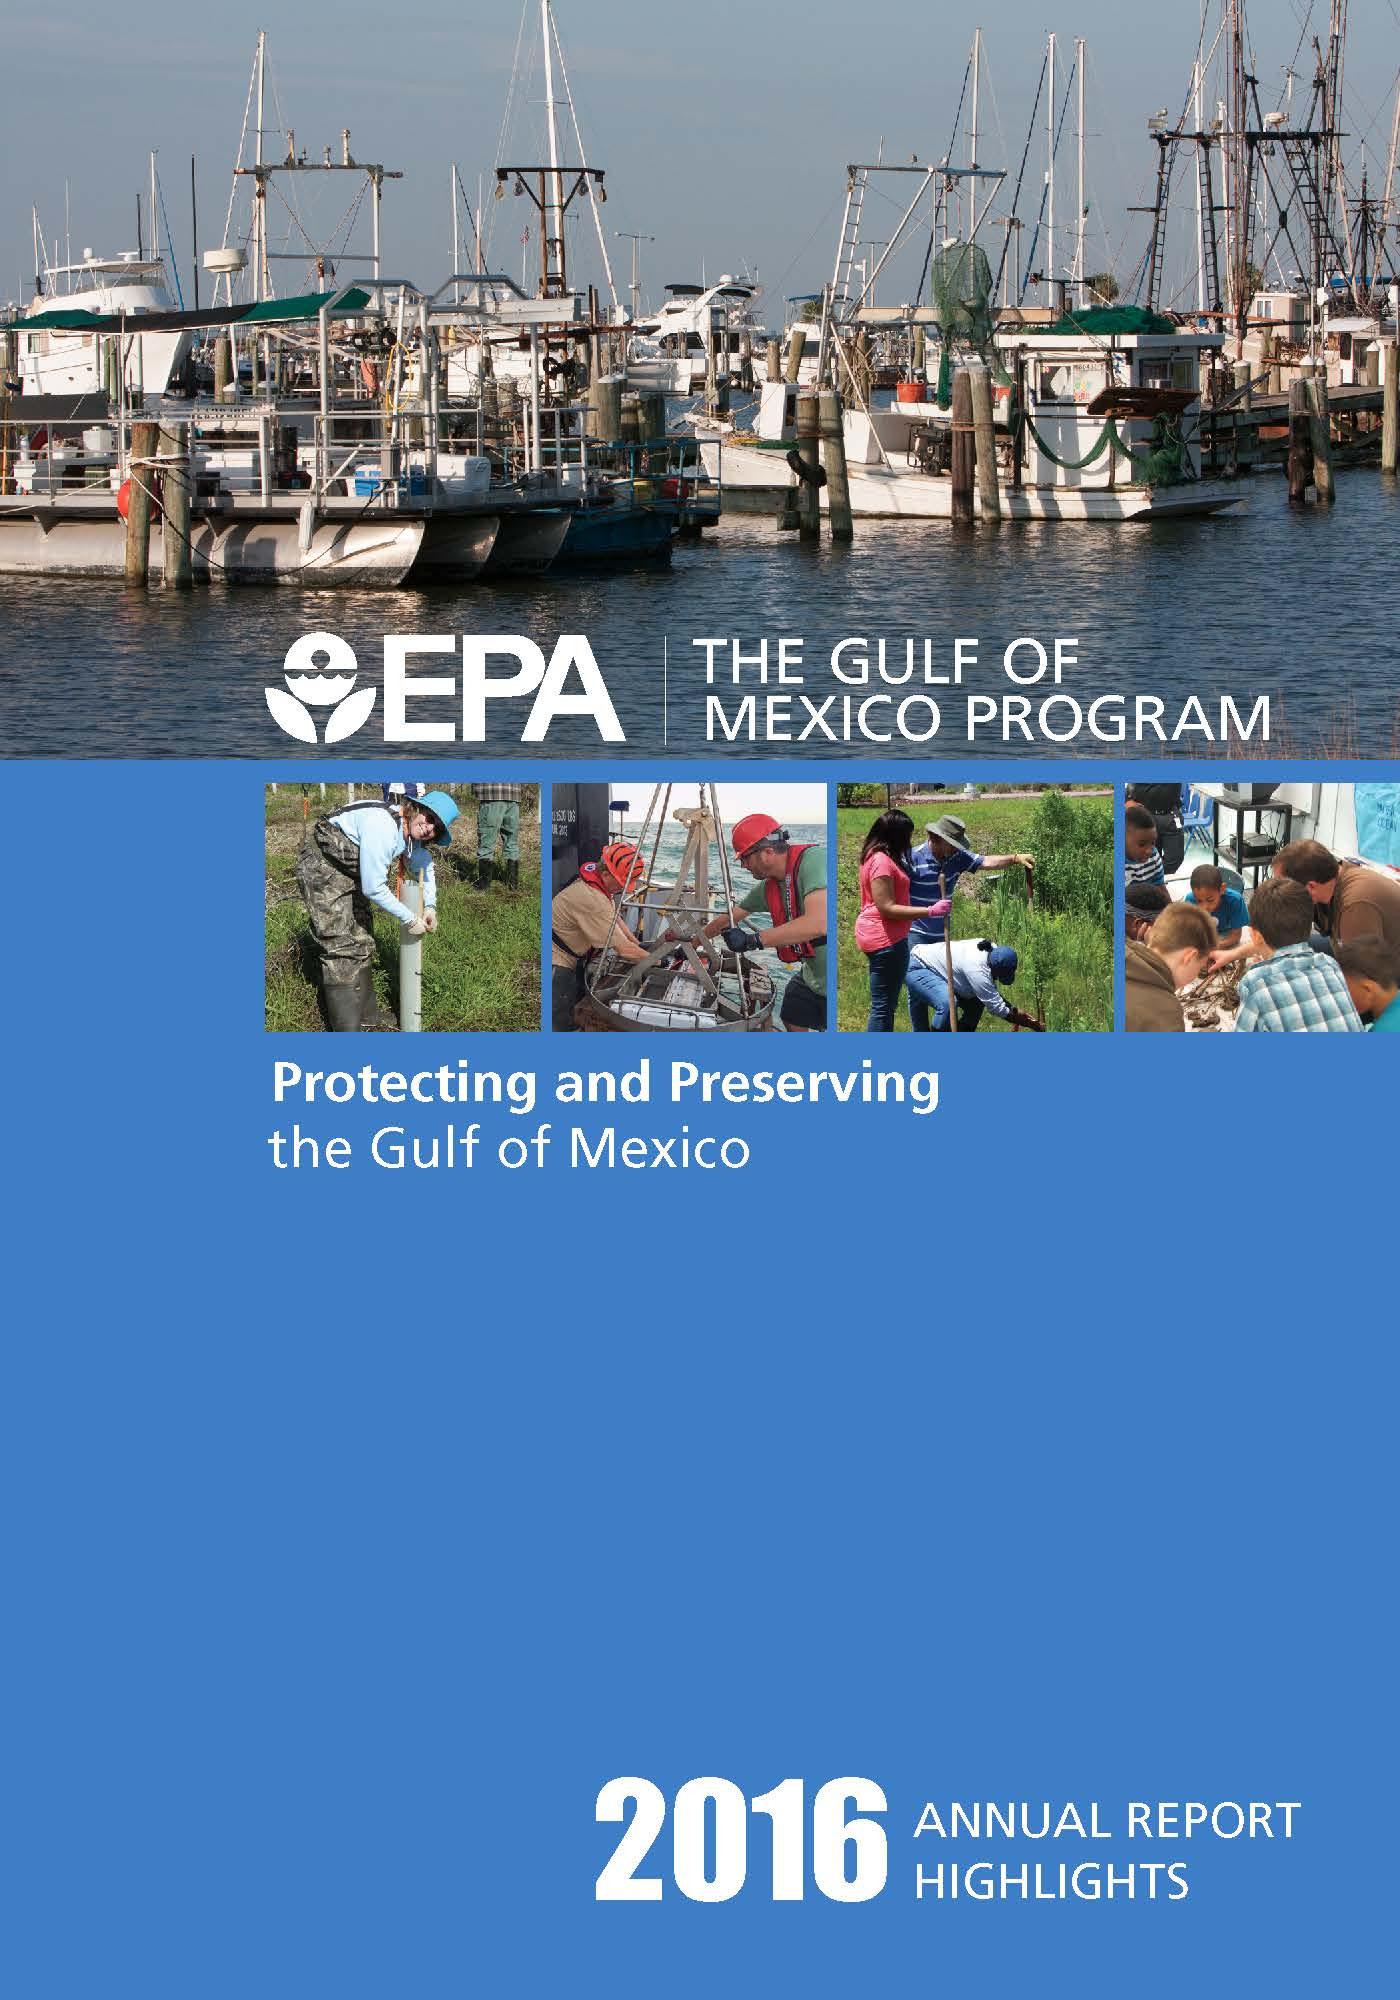 EPA Gulf of Mexico Program Annual Report